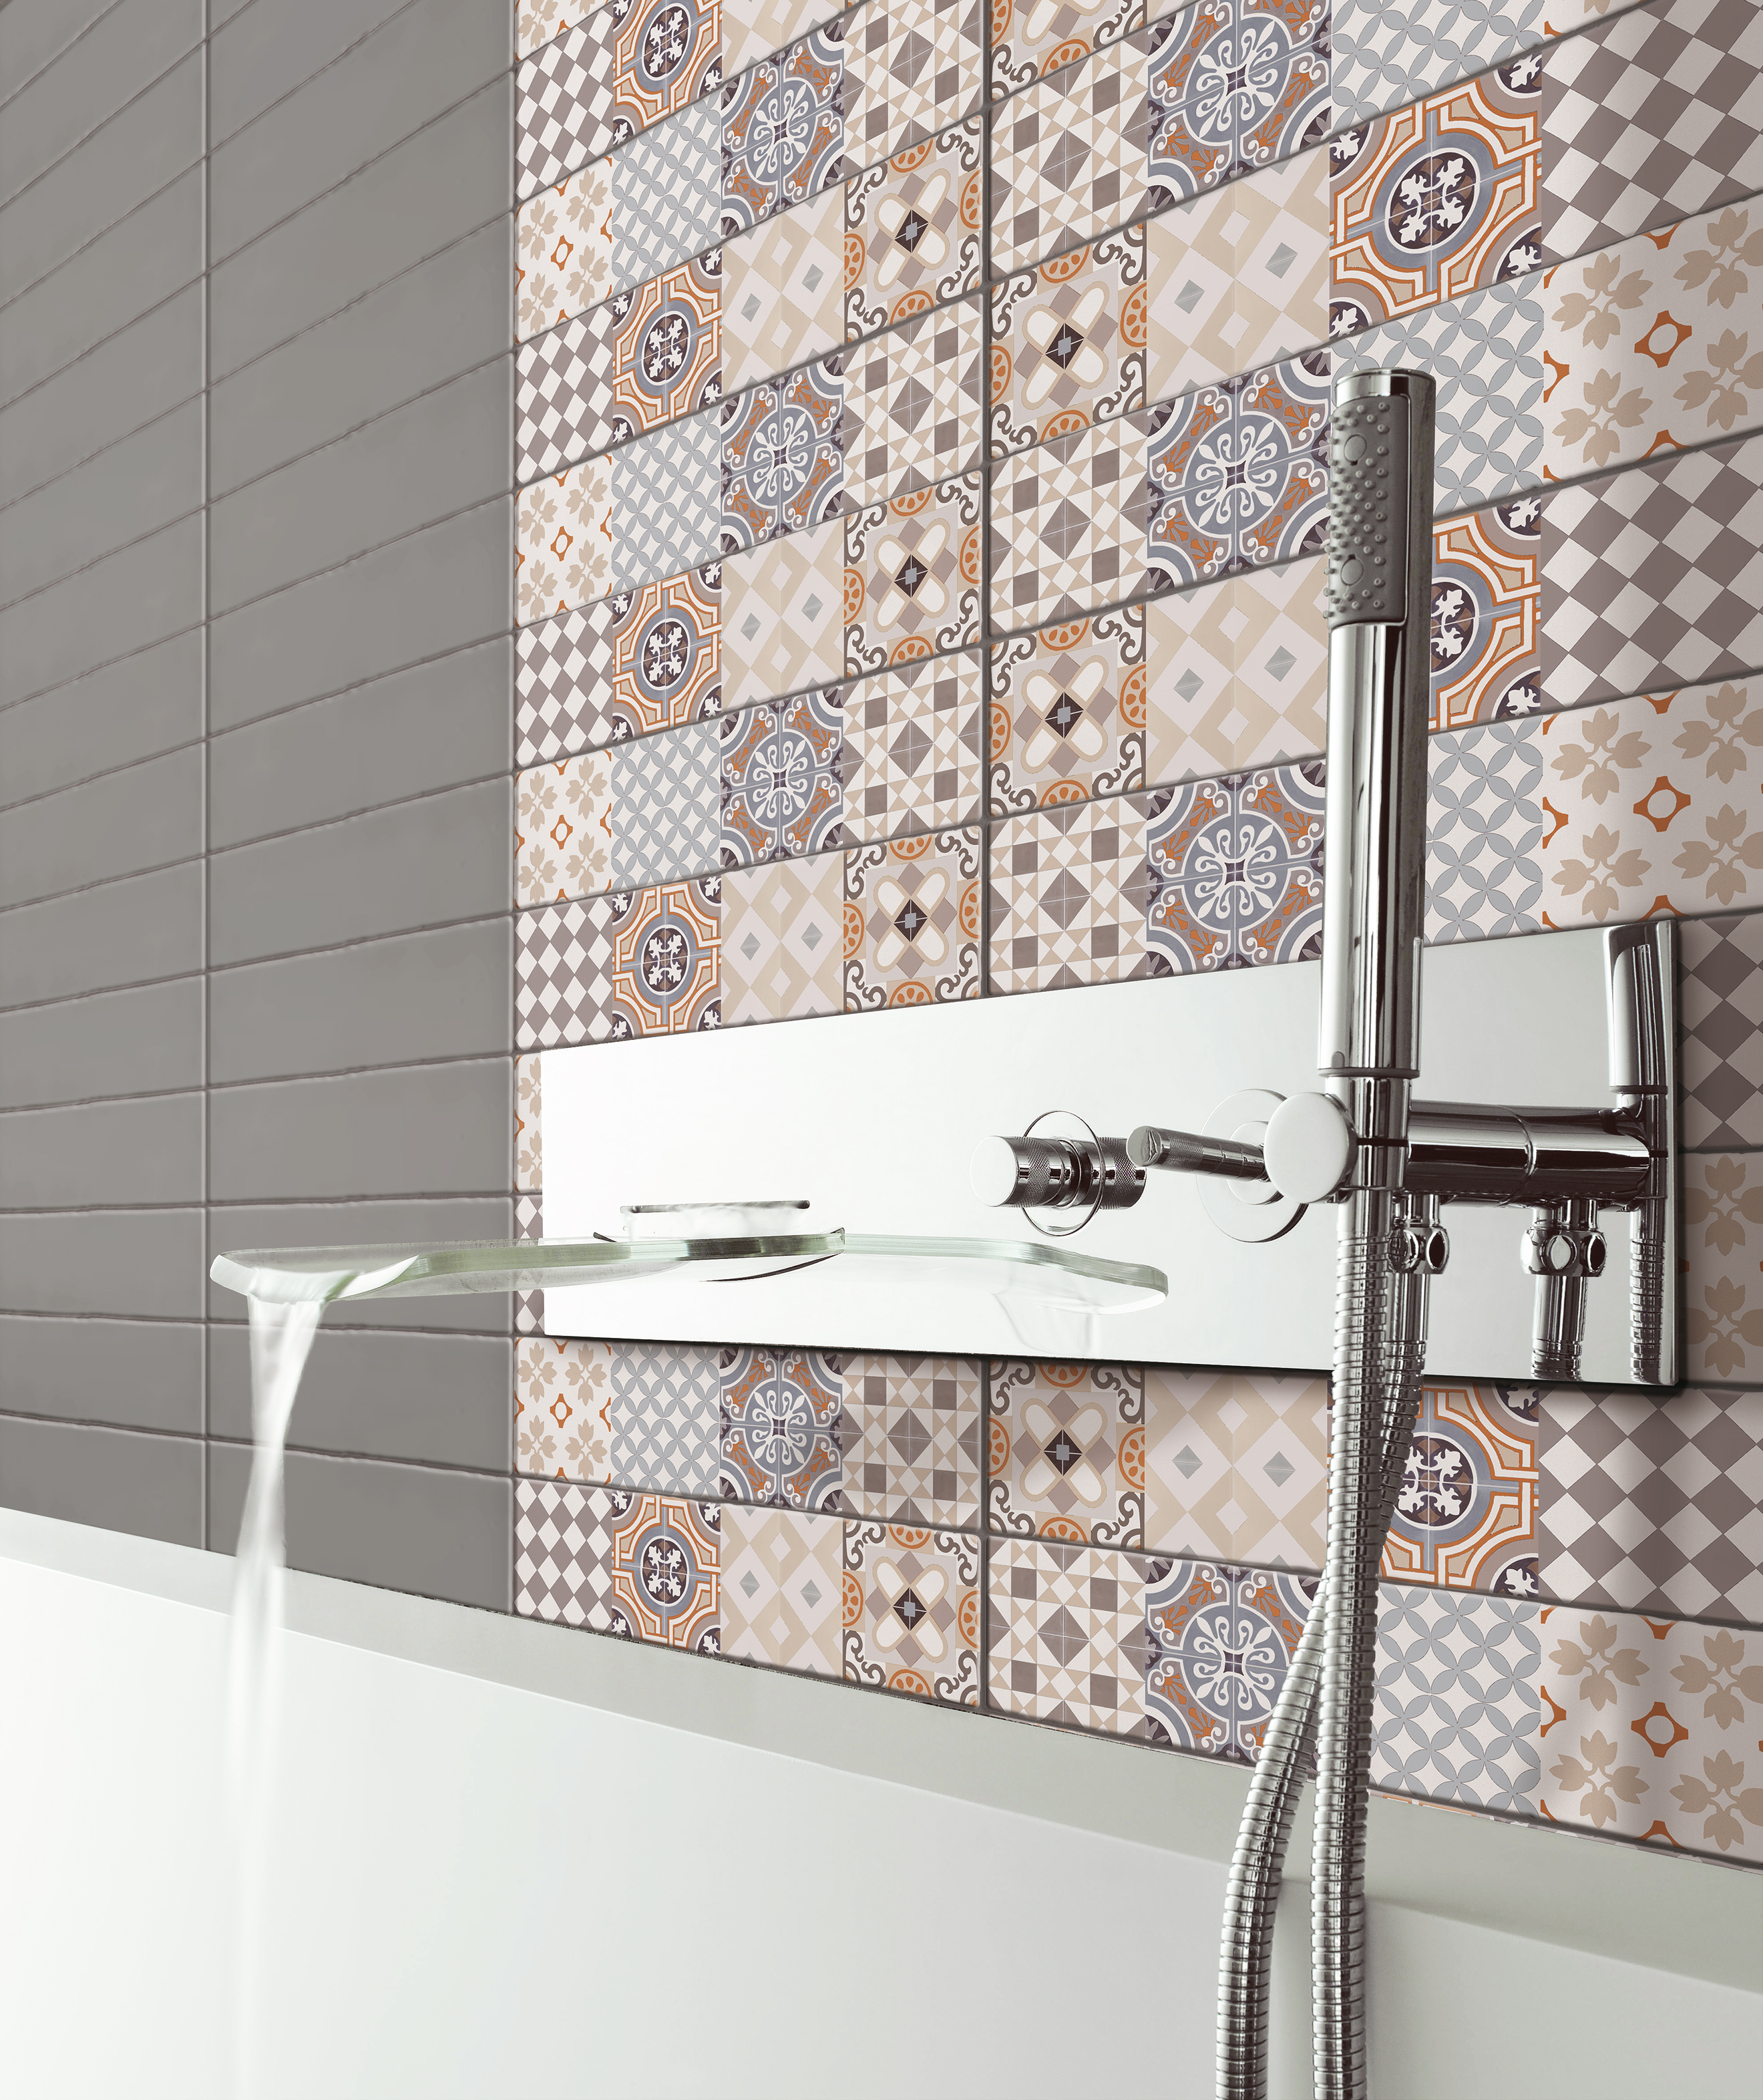 Renovar las paredes de la sala de ba o azulejos pe a - Pintura para azulejos de bano ...